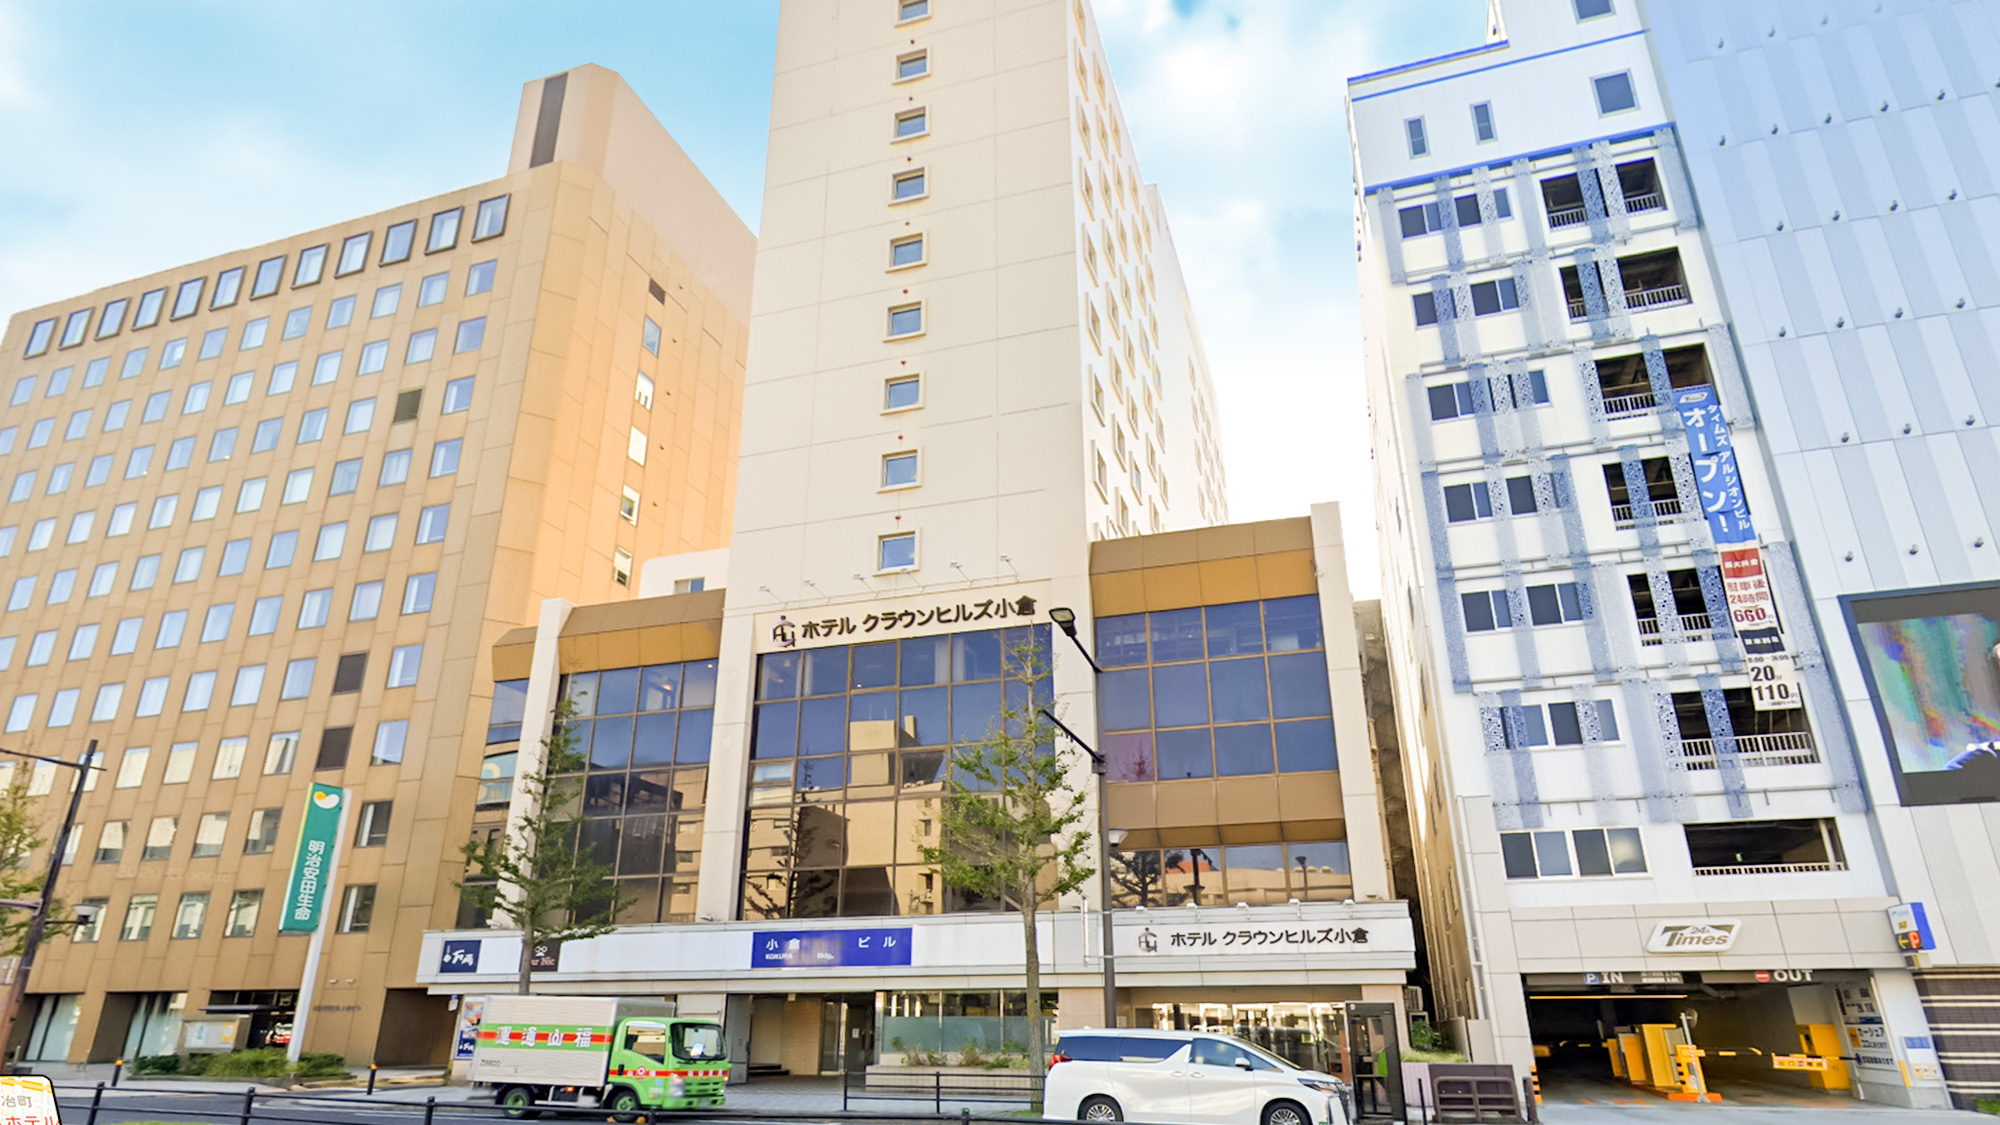 ホテルクラウンヒルズ小倉(BBHホテルグループ)